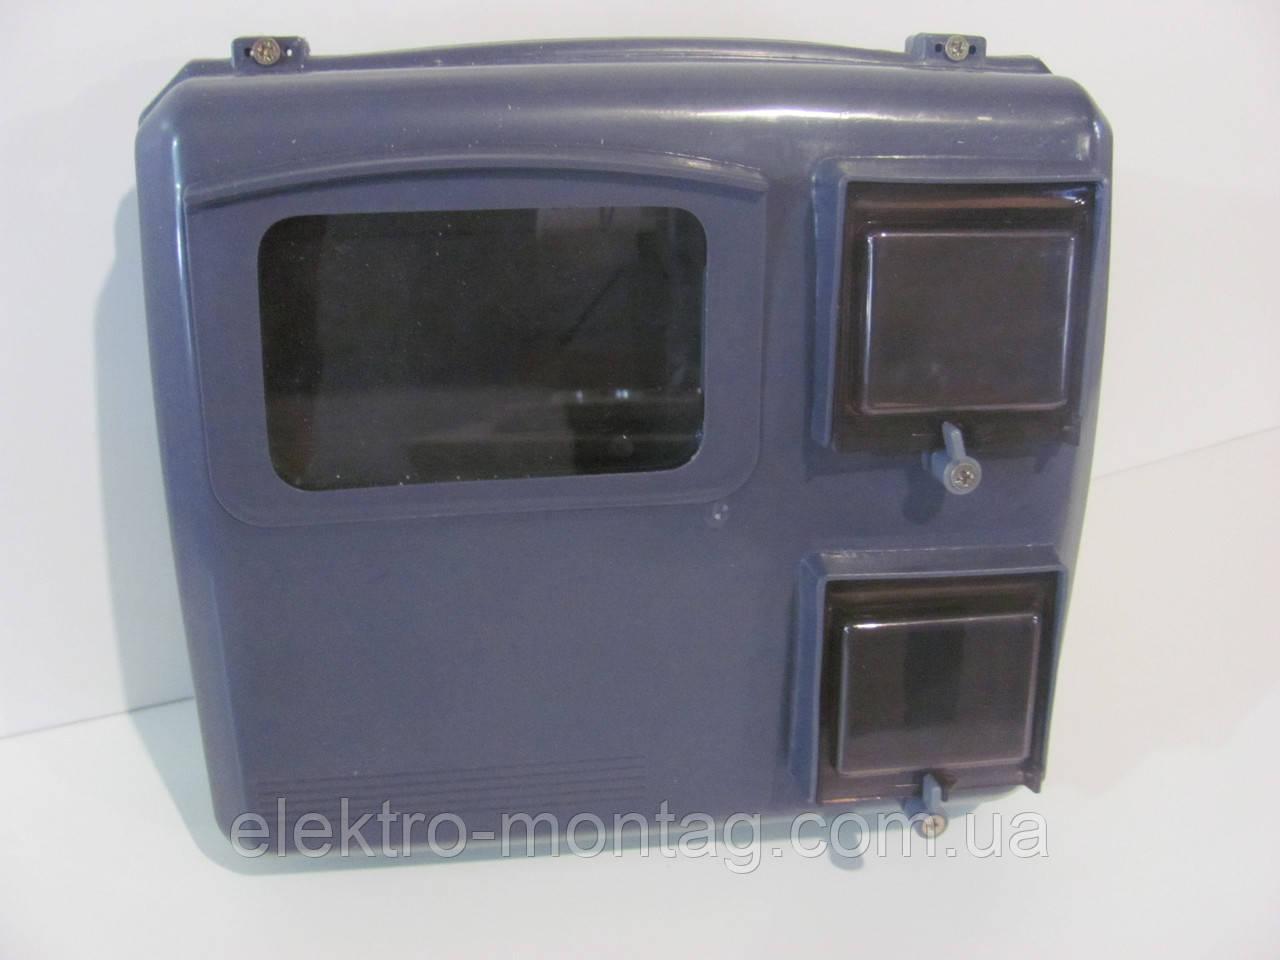 Бокс для электросчетчика и автоматов   уличный КДЕ-3 Димбор